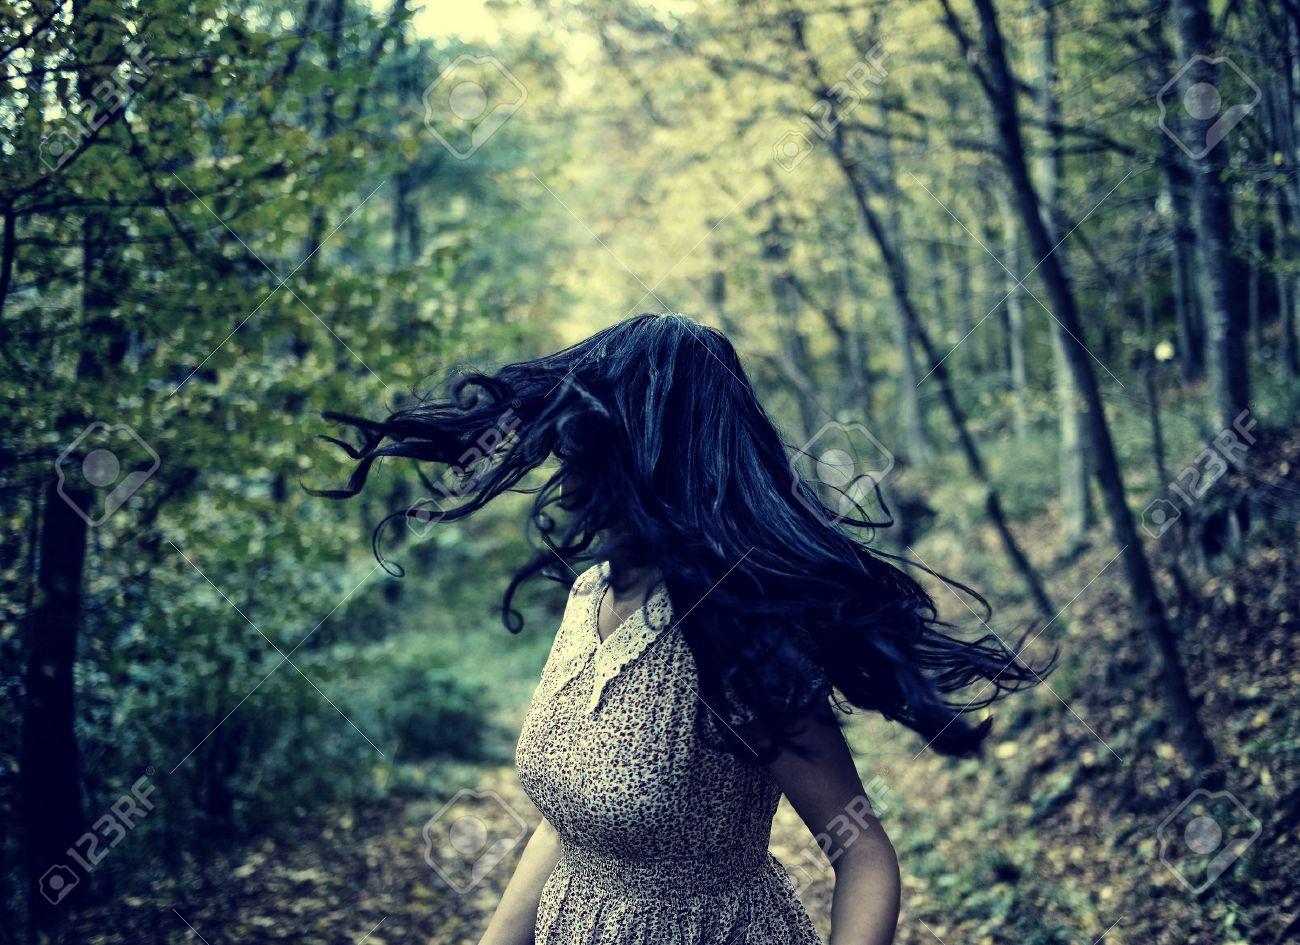 Scared jeune femme qui traverse une forêt la nuit, en regardant en arrière Banque d'images - 33375544